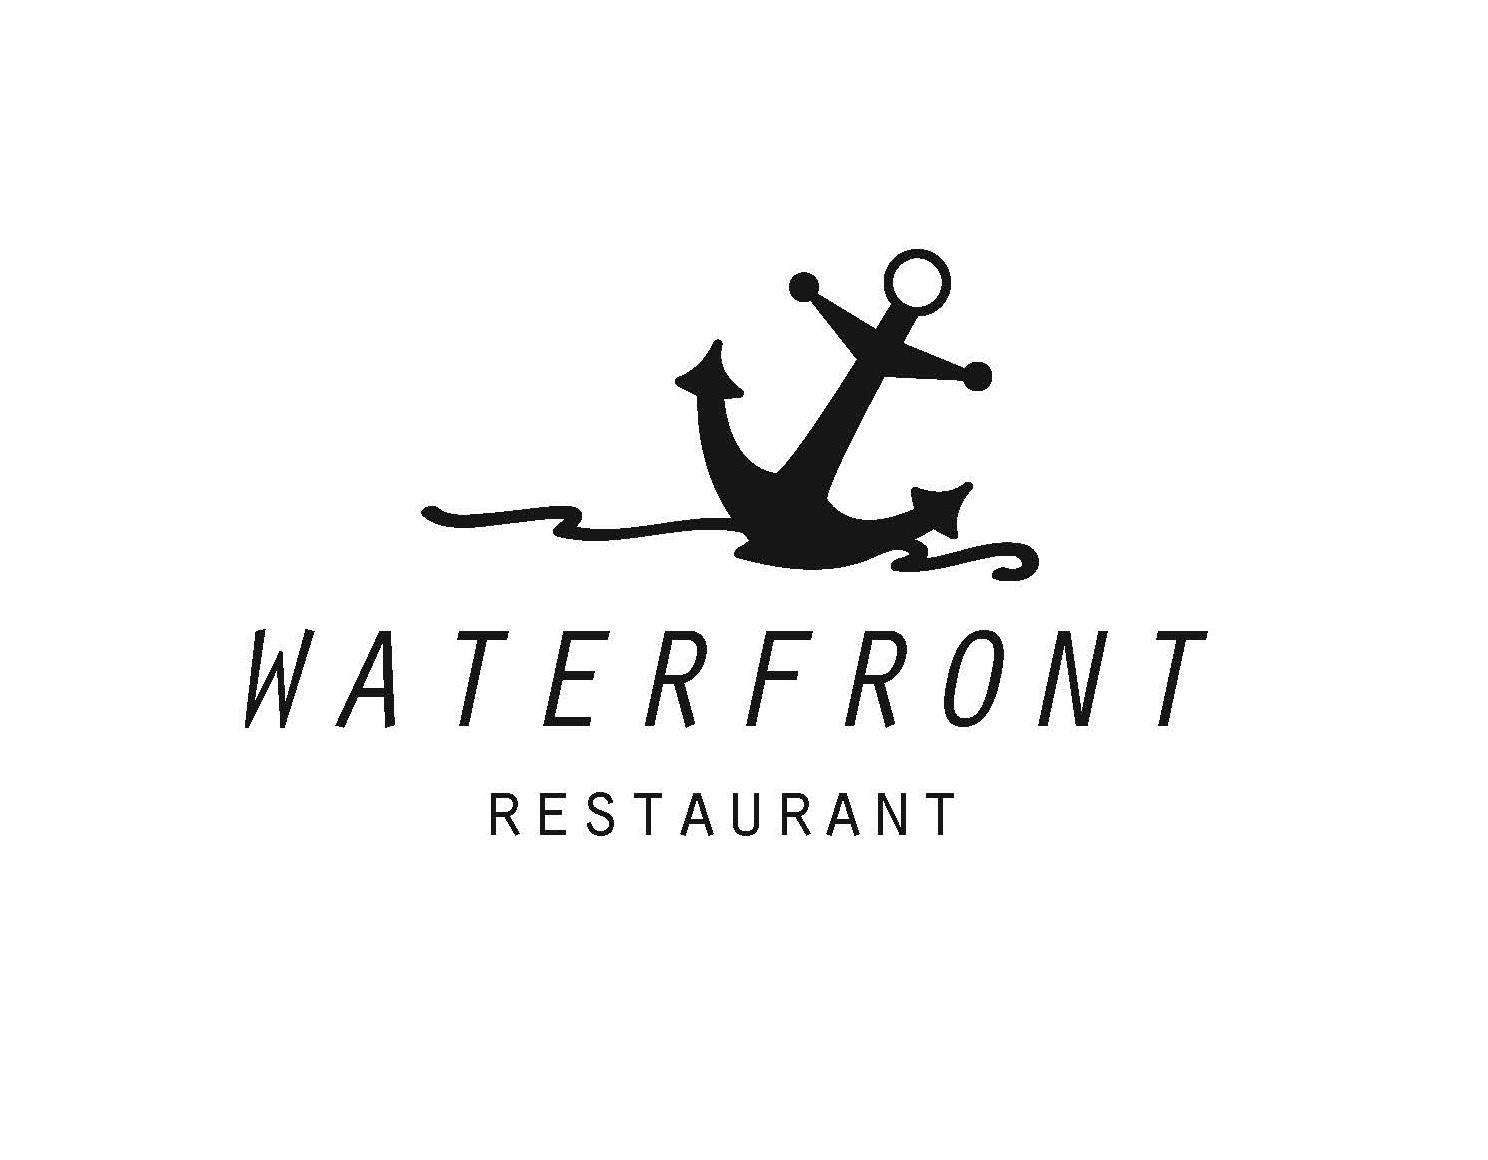 waterfront_logo.jpg